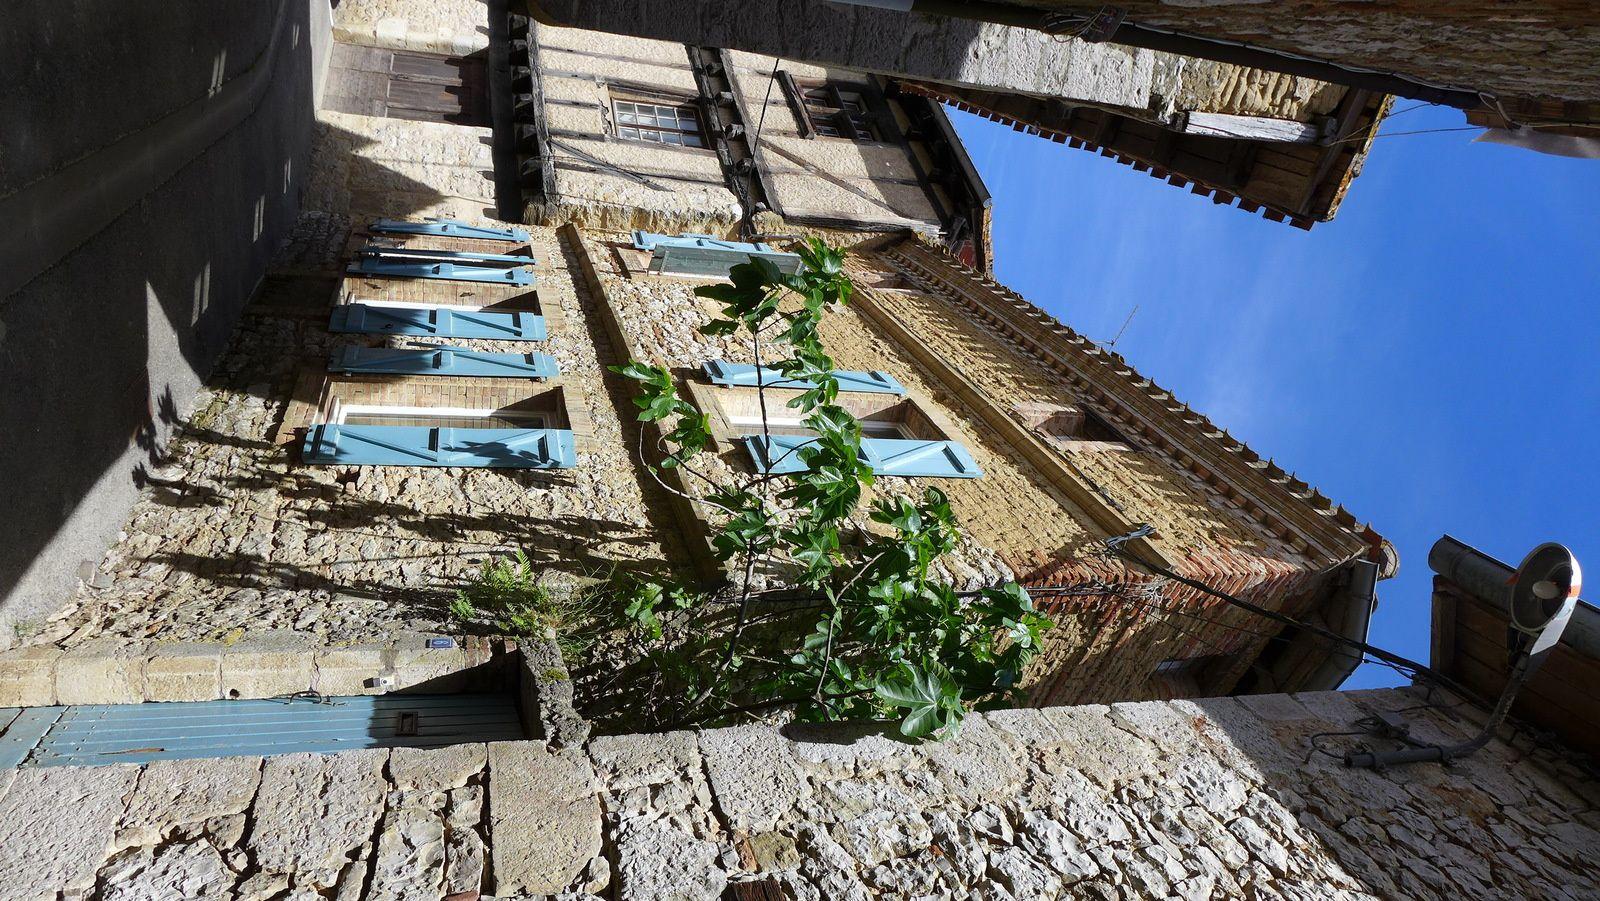 Gorges de l'aveyron de Montauban à Penne